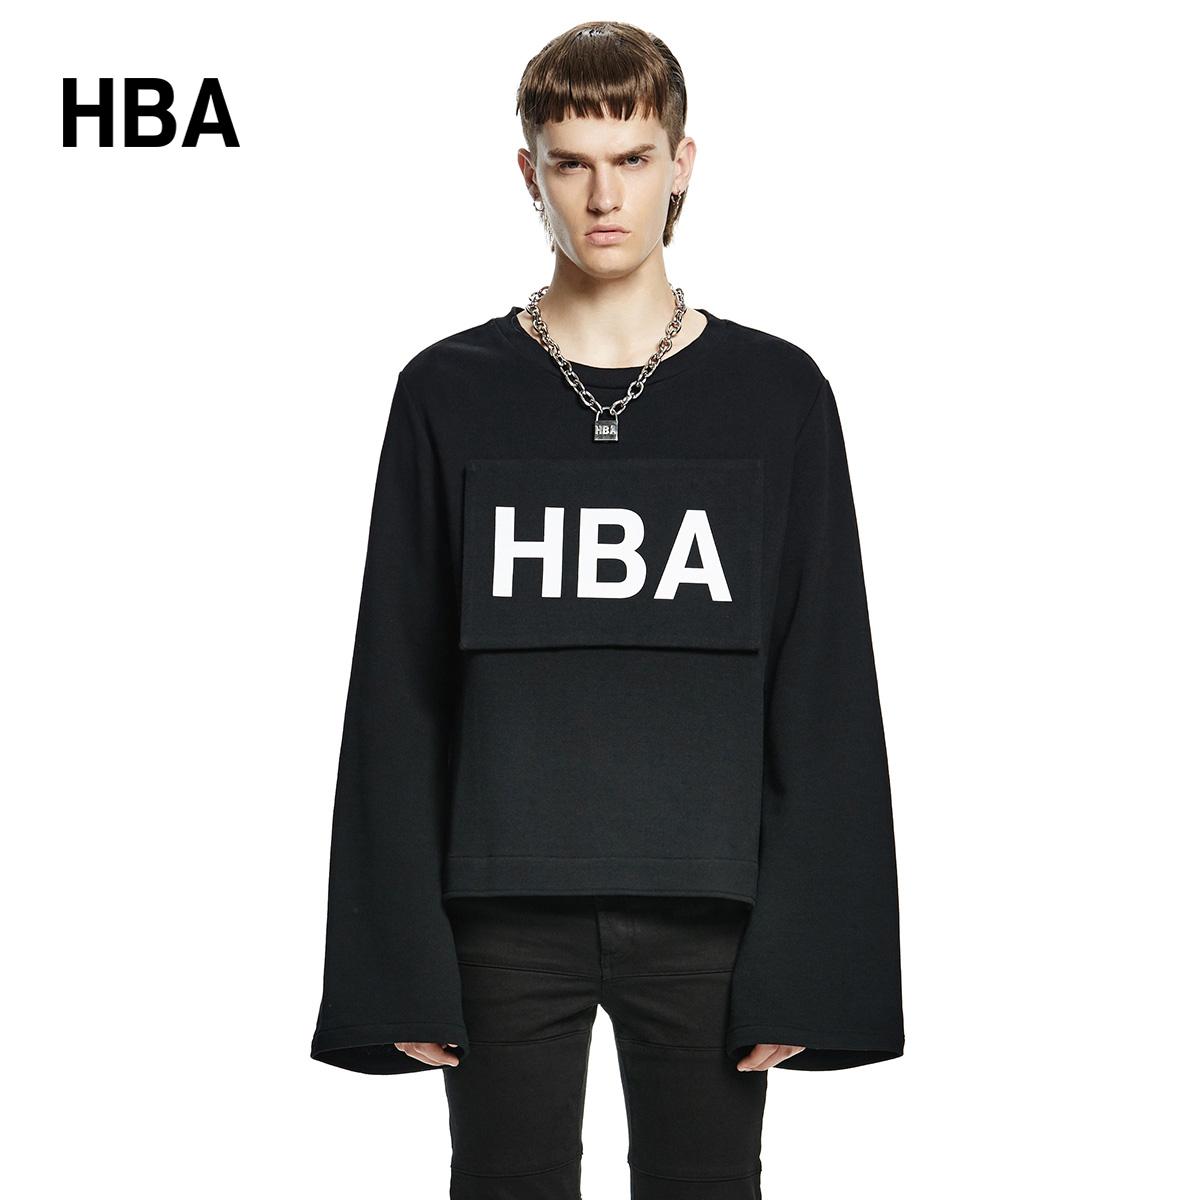 【INXX】HBA黑色休閑衛衣HB53108984